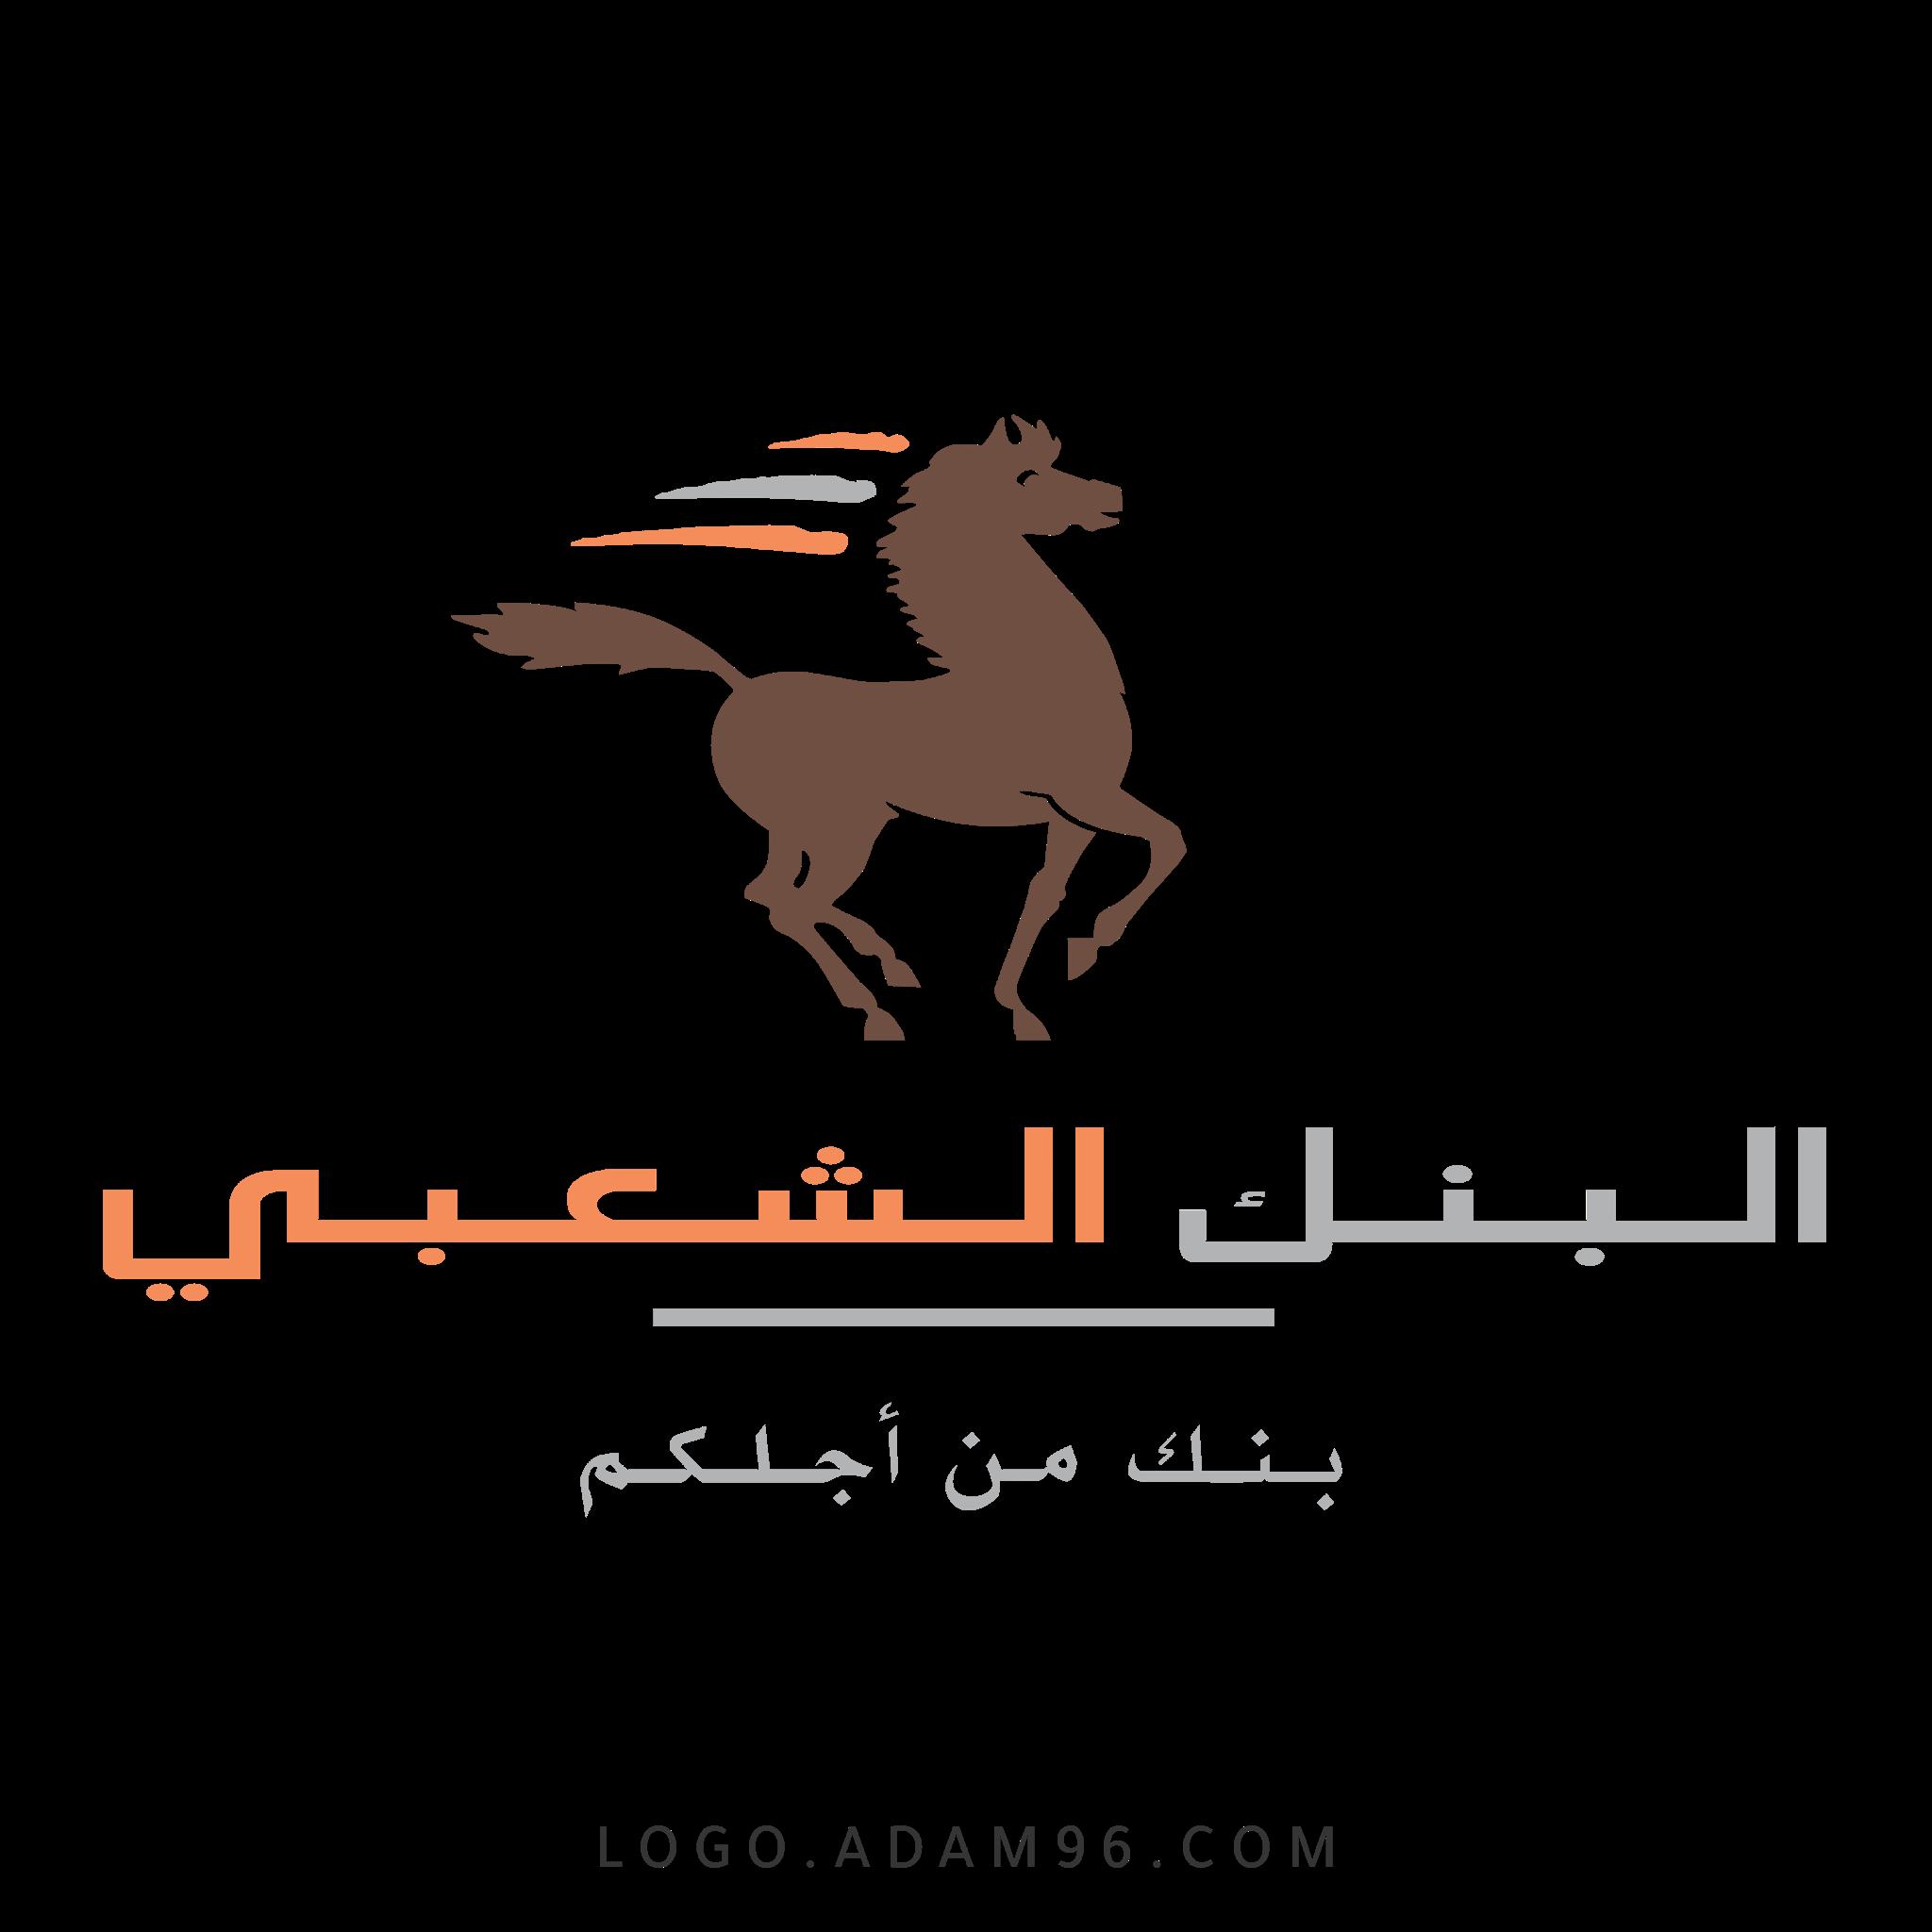 تحميل شعار البنك الشعبي المغربي لوجو رسمي PNG - شعارات المغرب